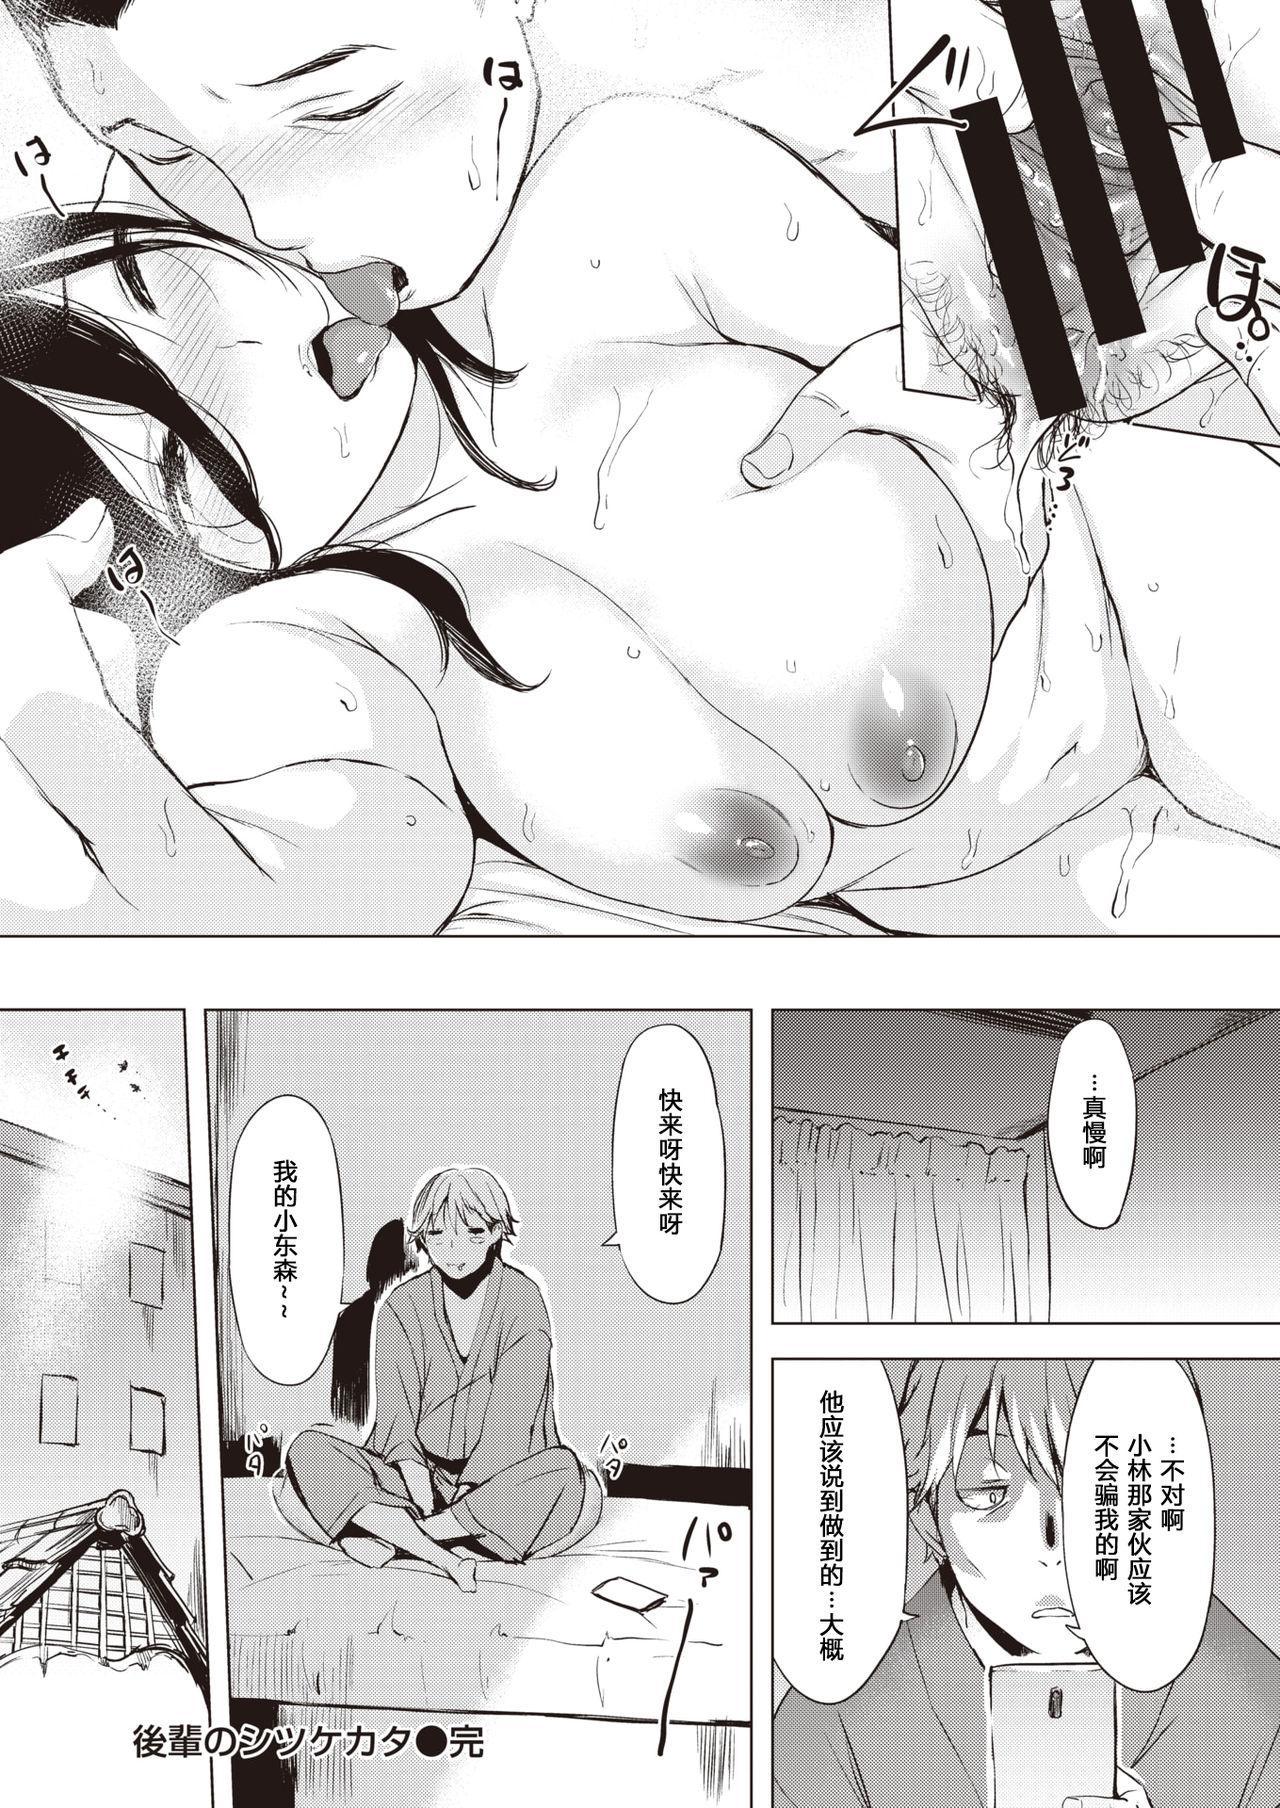 Kouhai no Shitsukekata Nadametari Odoshitari ○○ shitari -   对后辈的教育方法:可以亲切可以严厉也可以OO—— 24